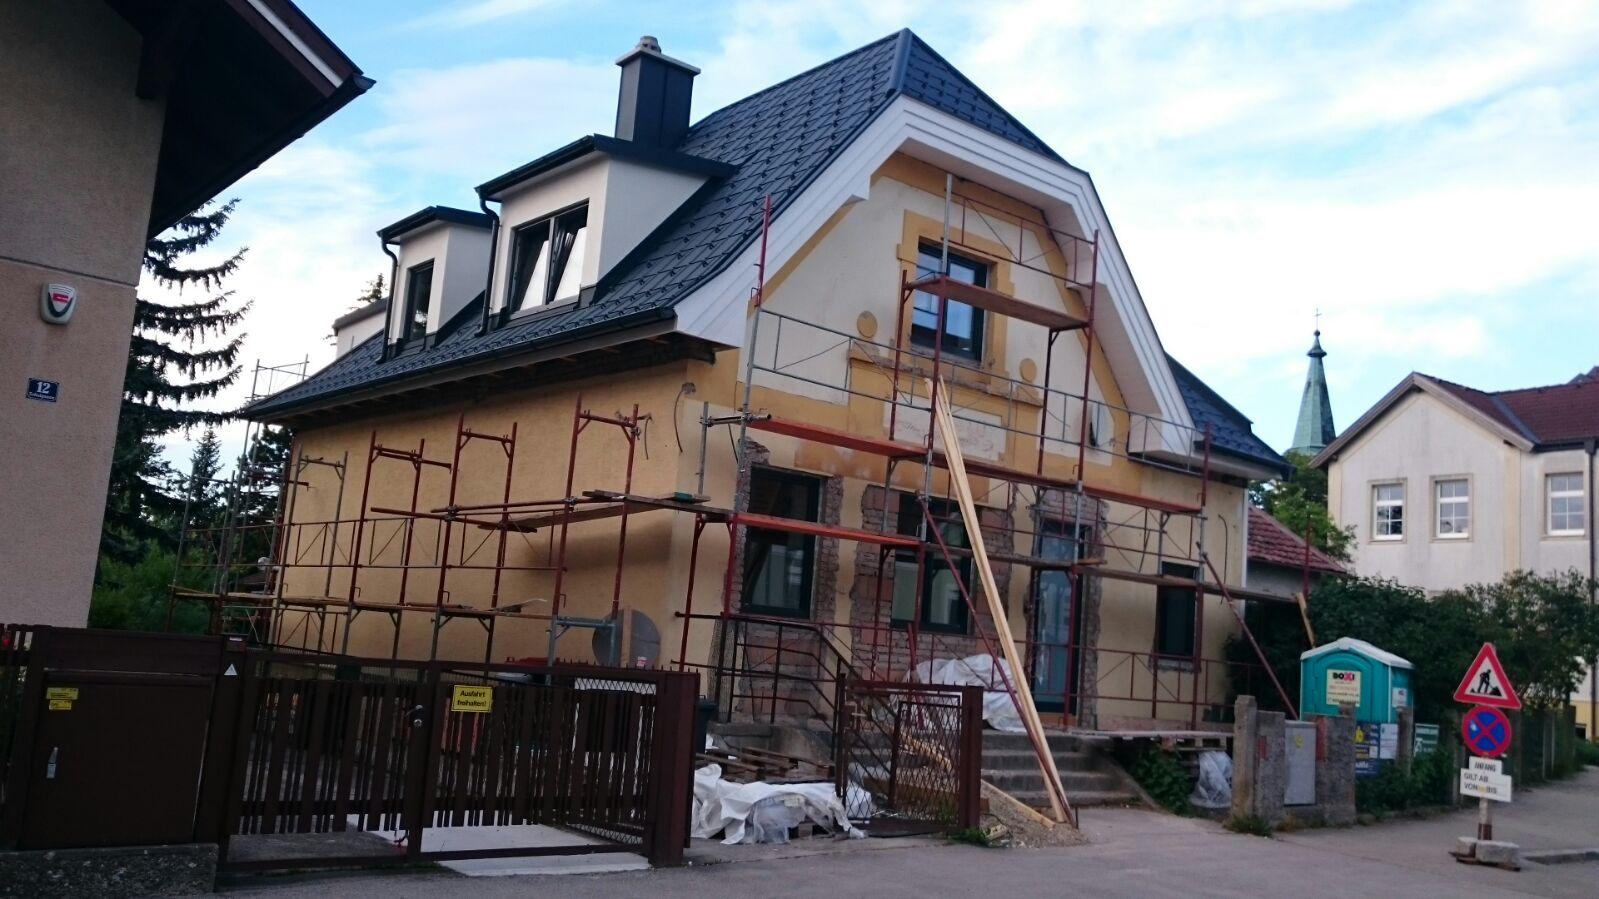 Umbau Zubau Zeiselmauer Mai 2017